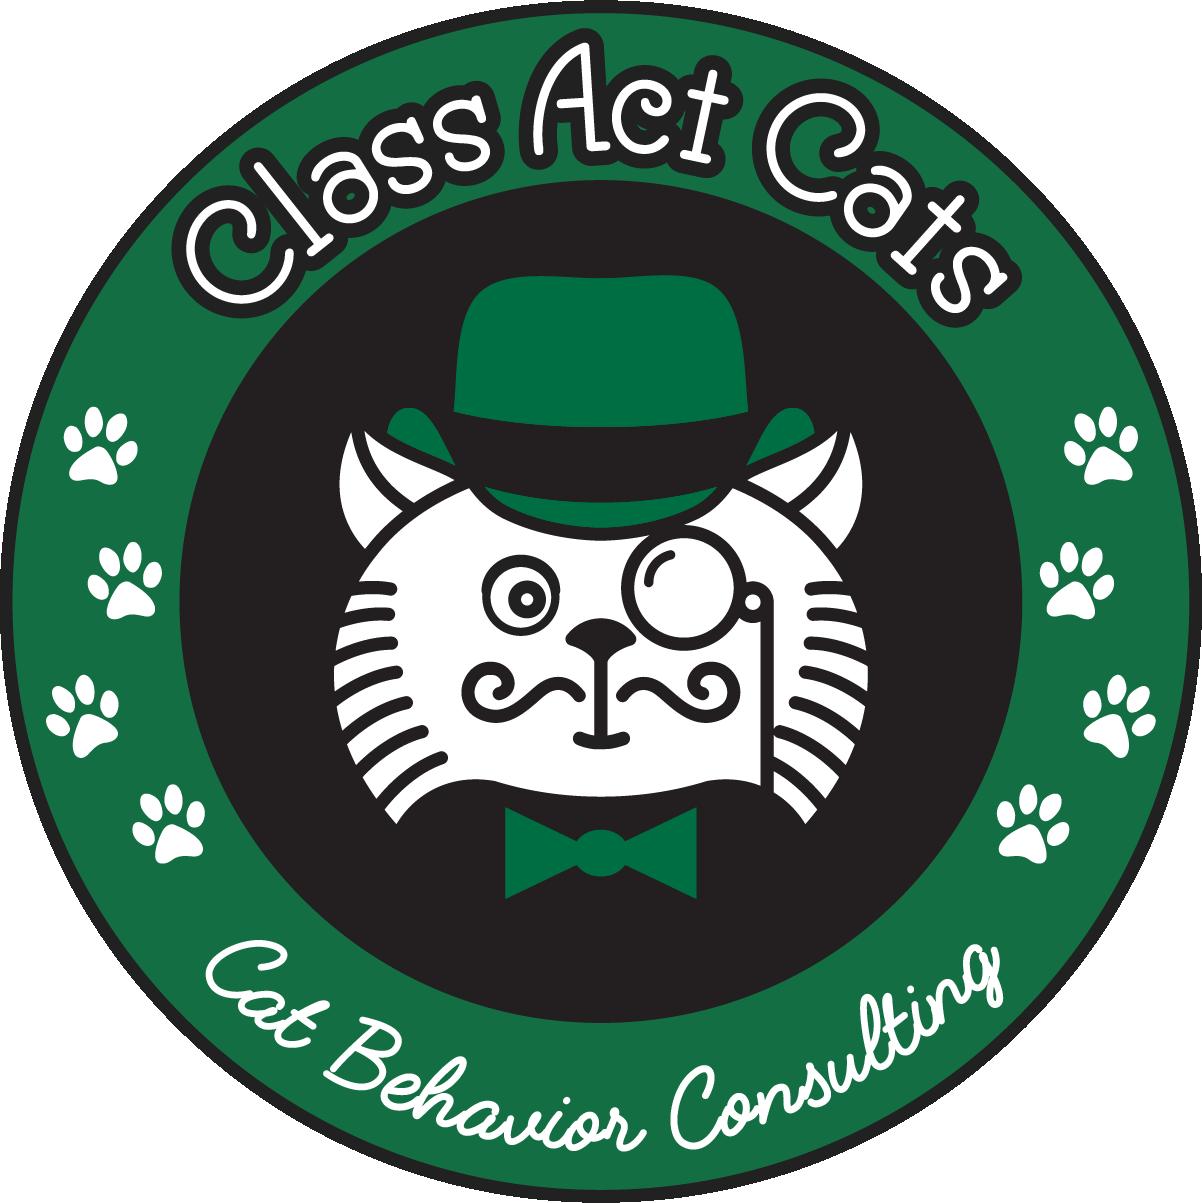 Classactcats